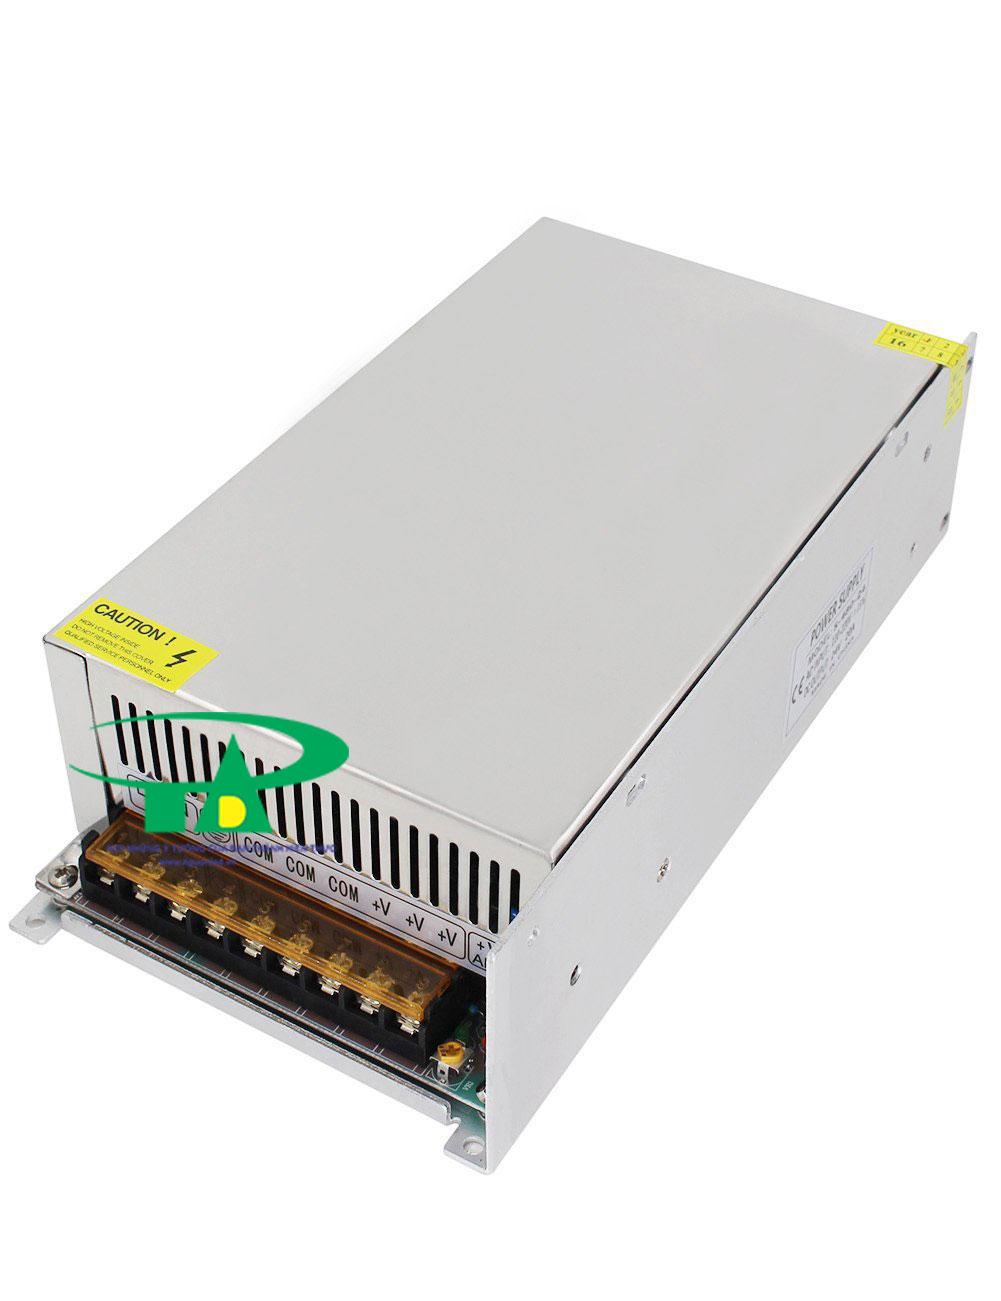 Bộ Nguồn 24V 20A loại tốt, giá rẻ dùng cho camera, đèn led, tự động hóa tại TPHCM